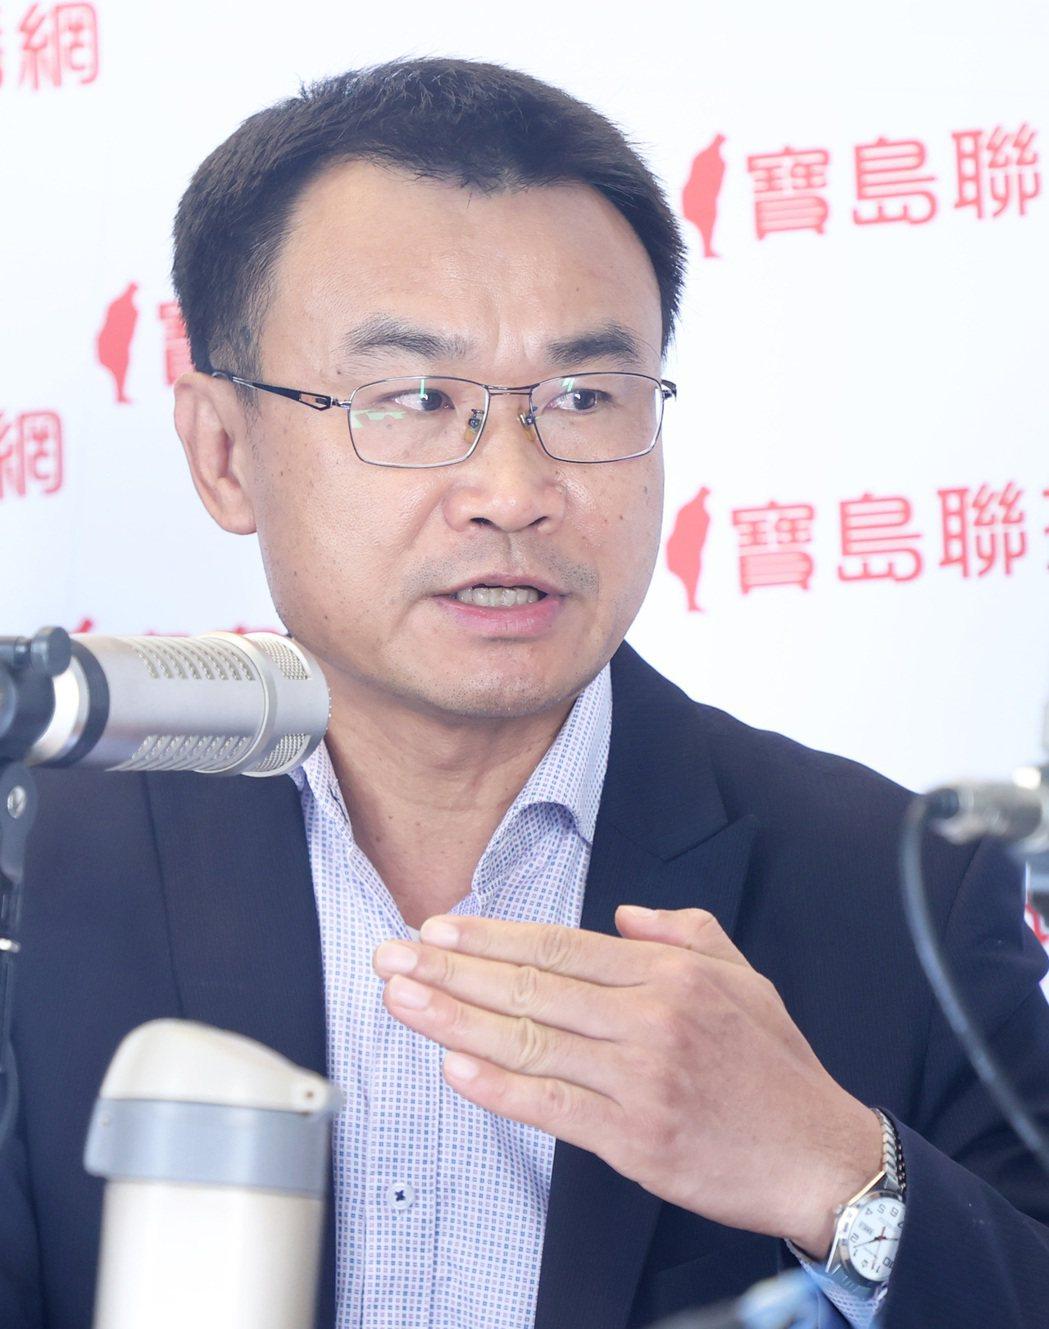 農委會主委陳吉仲聲稱,今年輸出到日本的鳳梨成長翻倍已經超過5000公噸,還有一家...